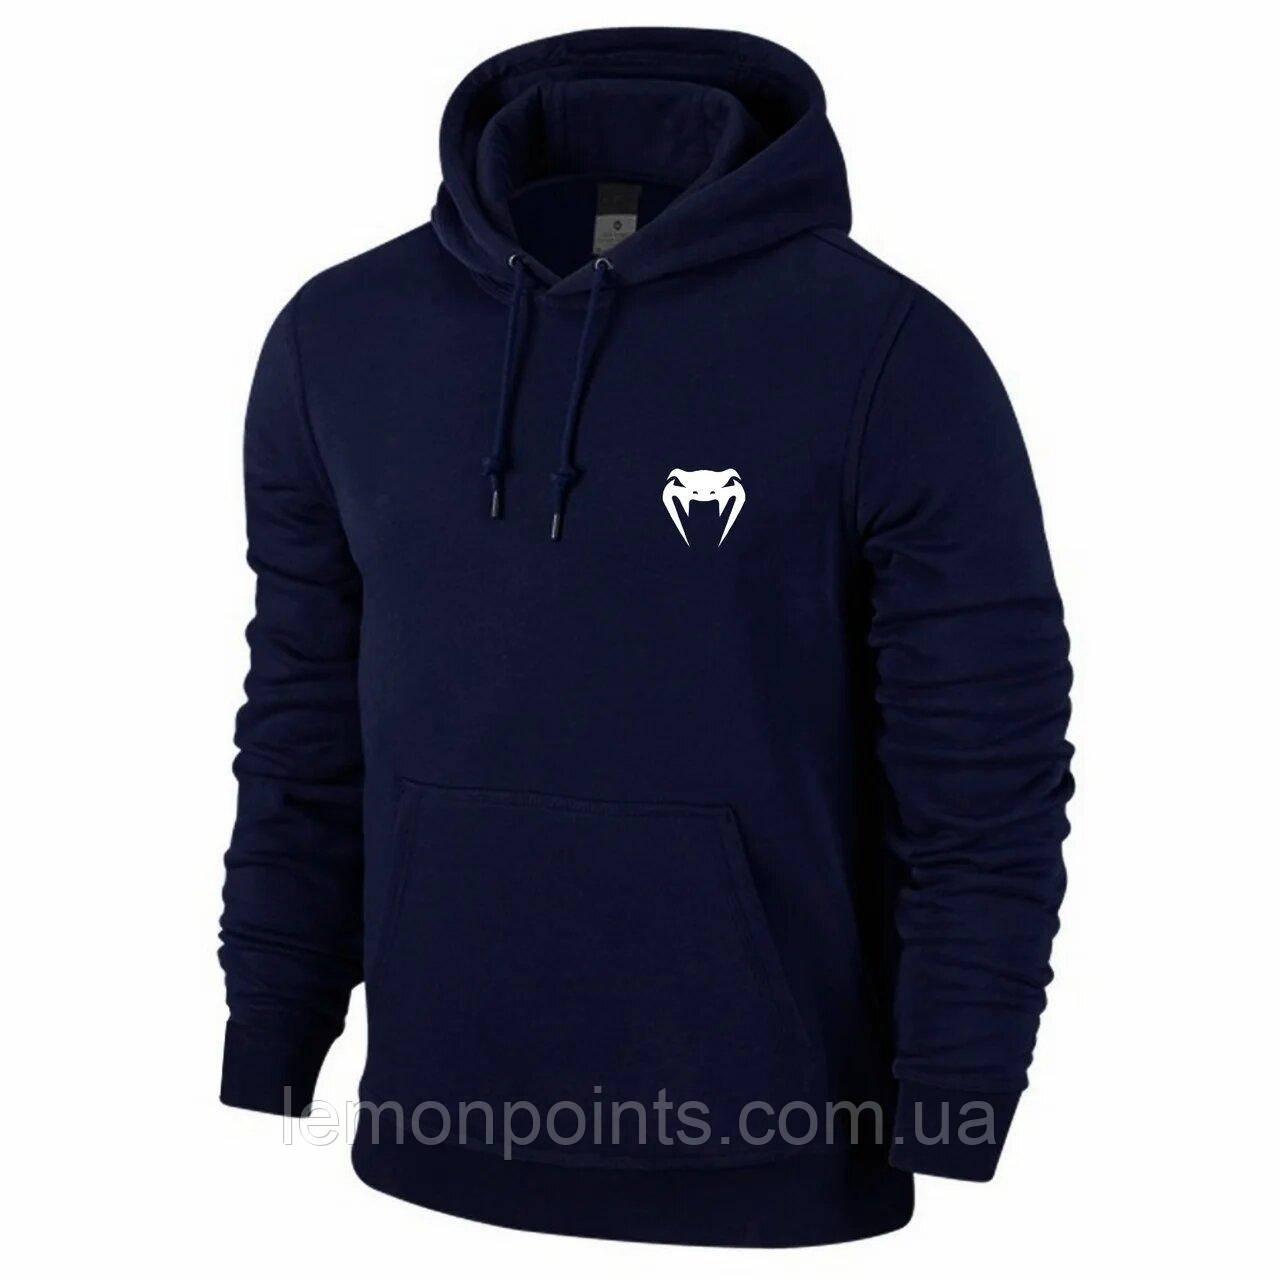 Теплая мужская спортивная толстовка, худи, кенгурушка Venum (Венум) синяя (ФЛИС)